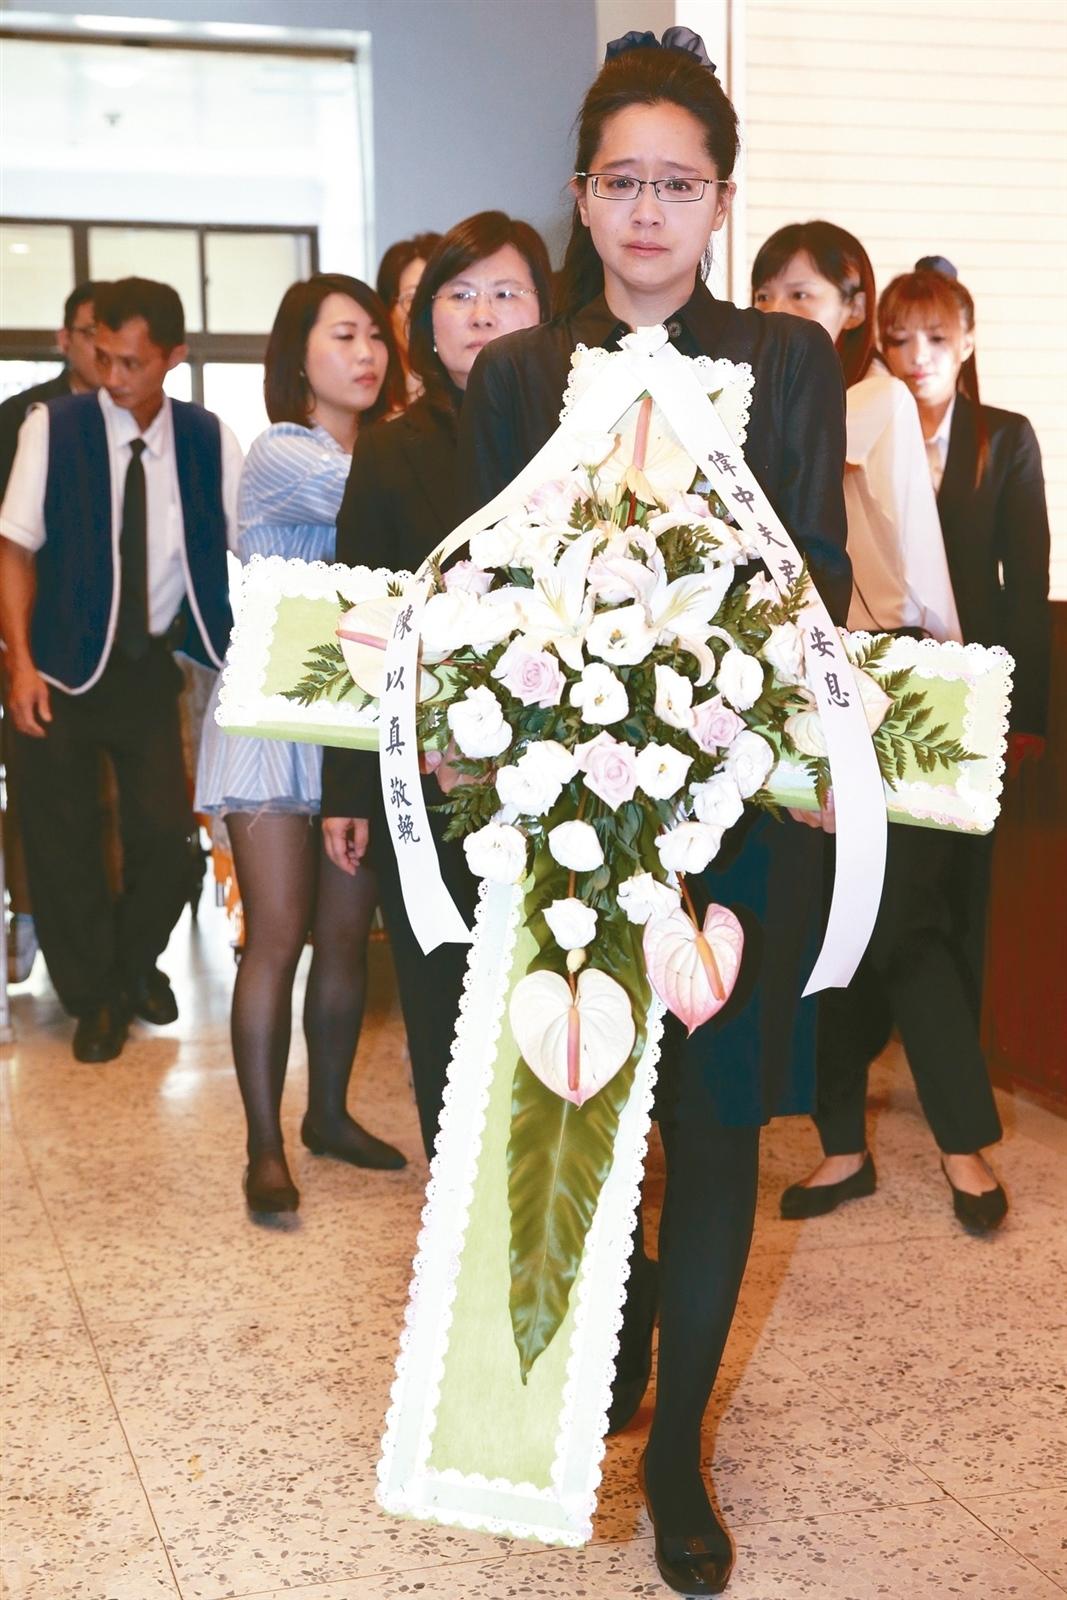 不當黨產委員會委員楊偉中辭世,上午於台北市懷恩堂舉辦追思會,楊偉中妻子陳以真含淚走進會場。 記者葉信菉/攝影